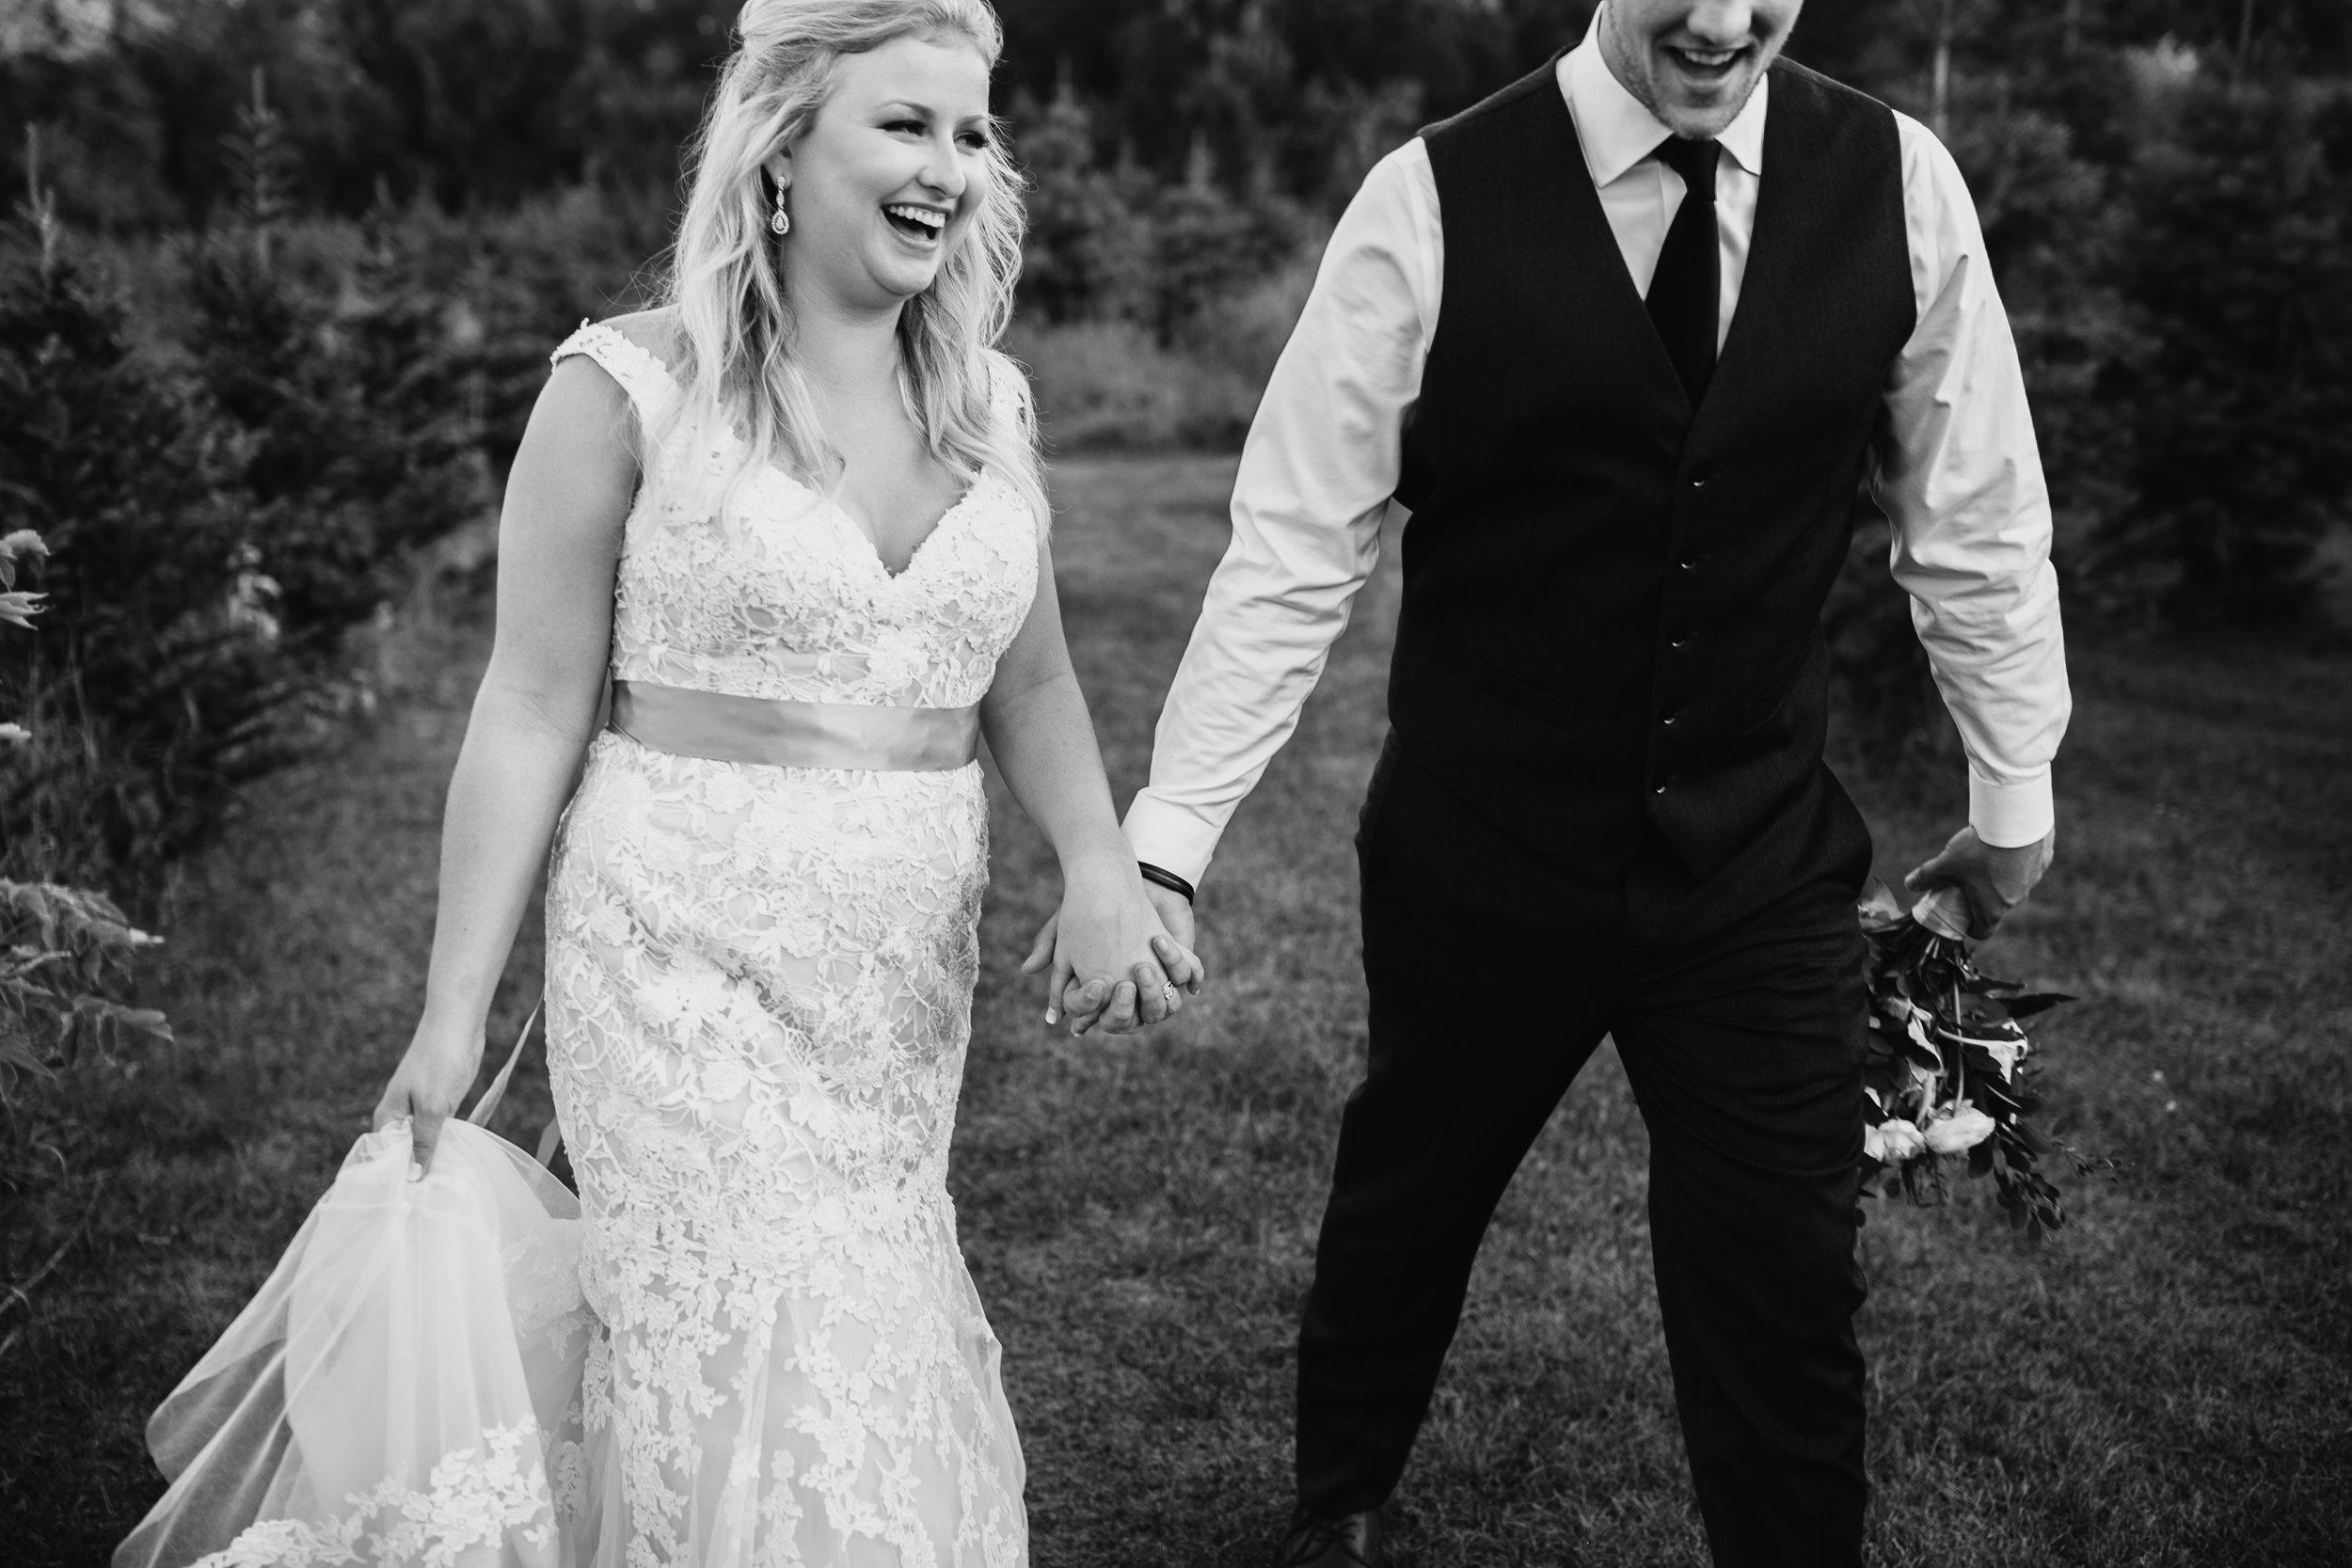 55 laughing bride and groom.jpg